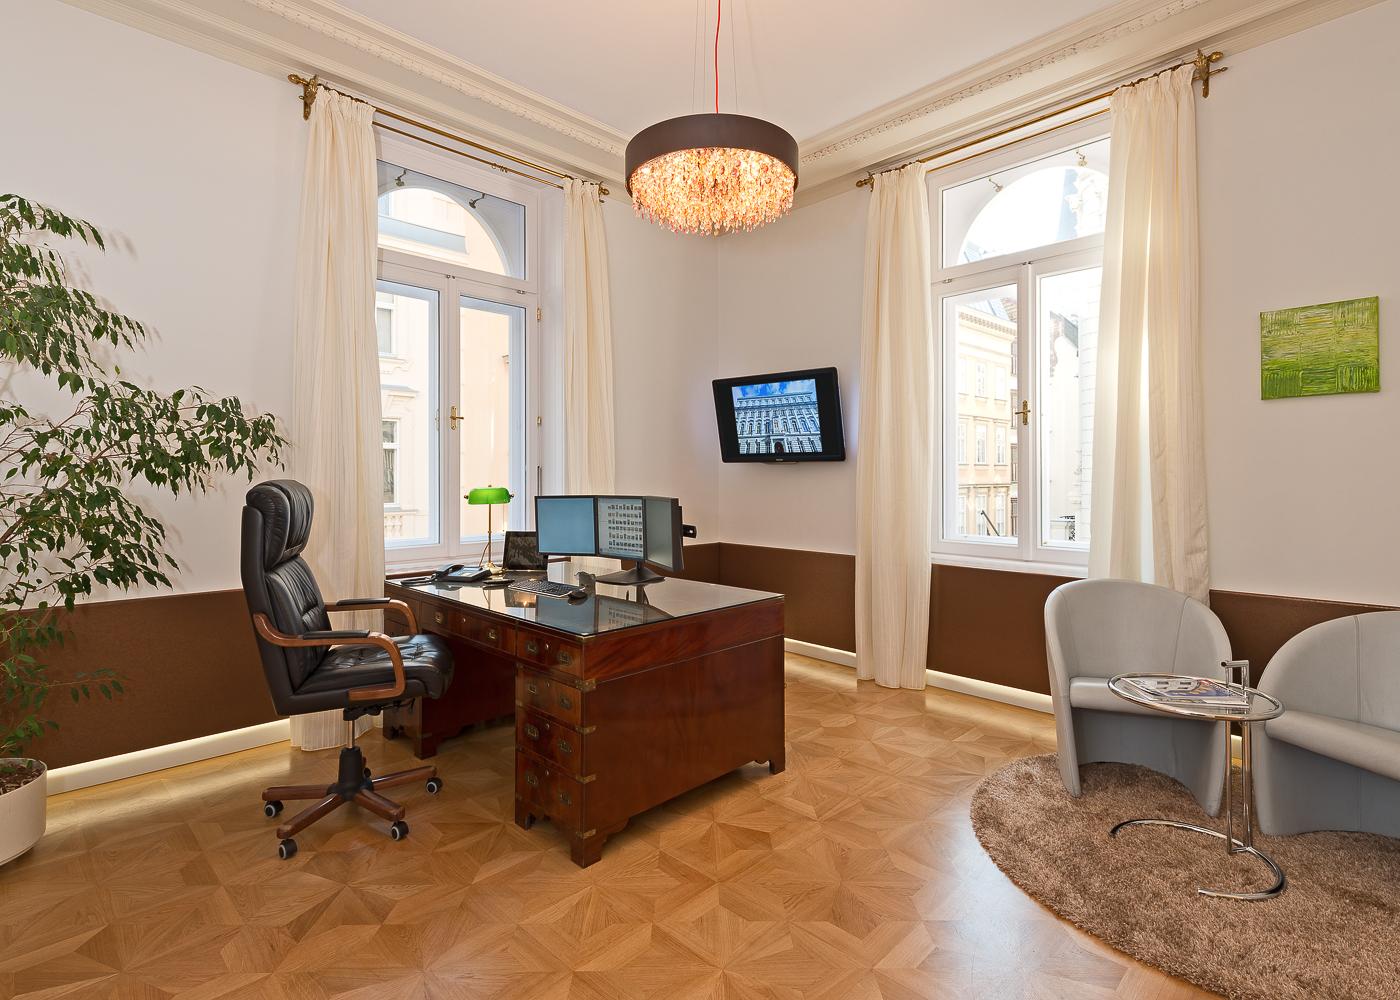 liegler takeh architekten projekt kohlmarkt 6 03 liegler takeh architekten. Black Bedroom Furniture Sets. Home Design Ideas